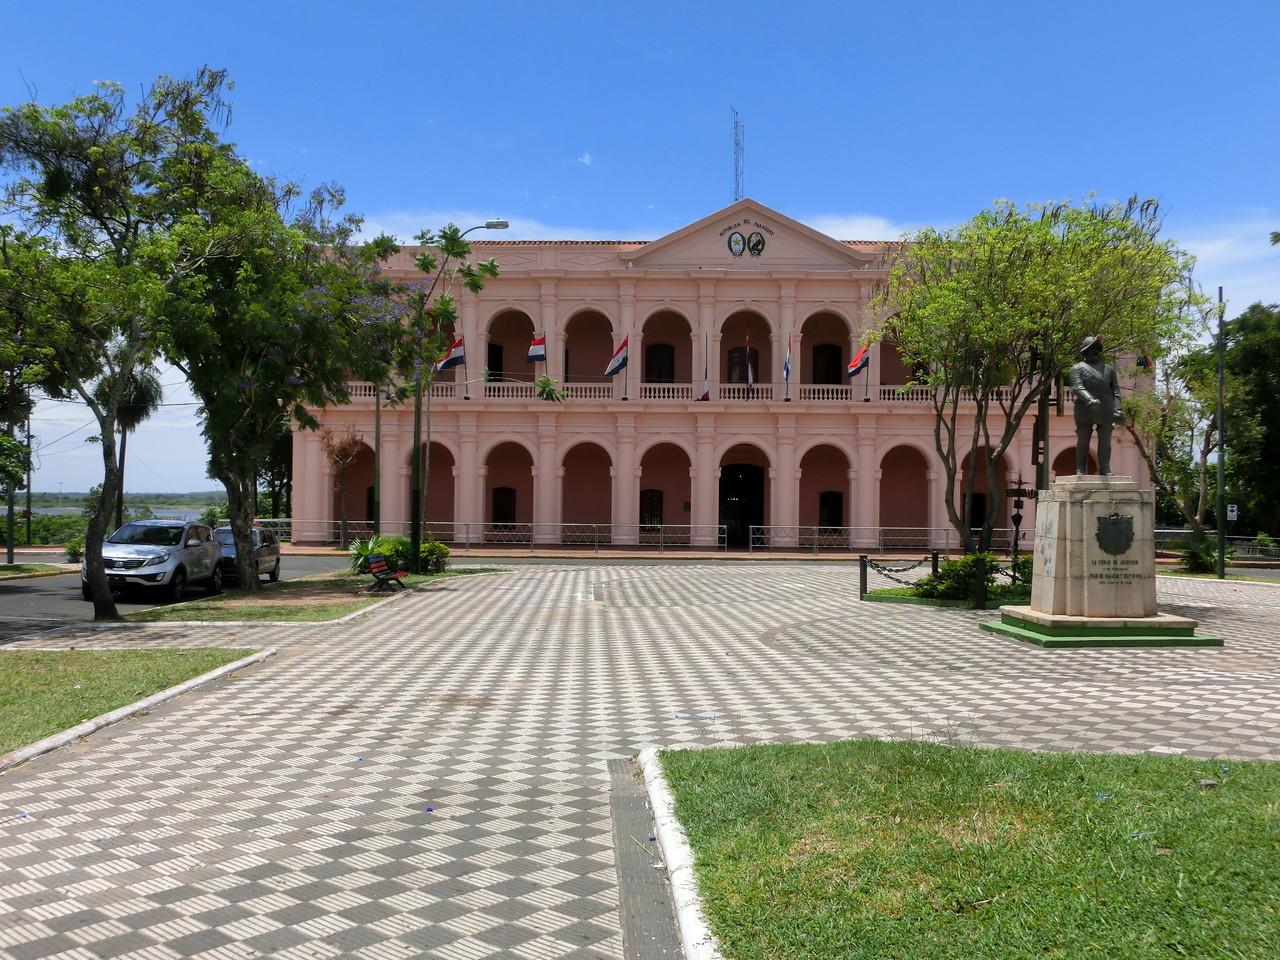 Irgenein Regierungsgebäude